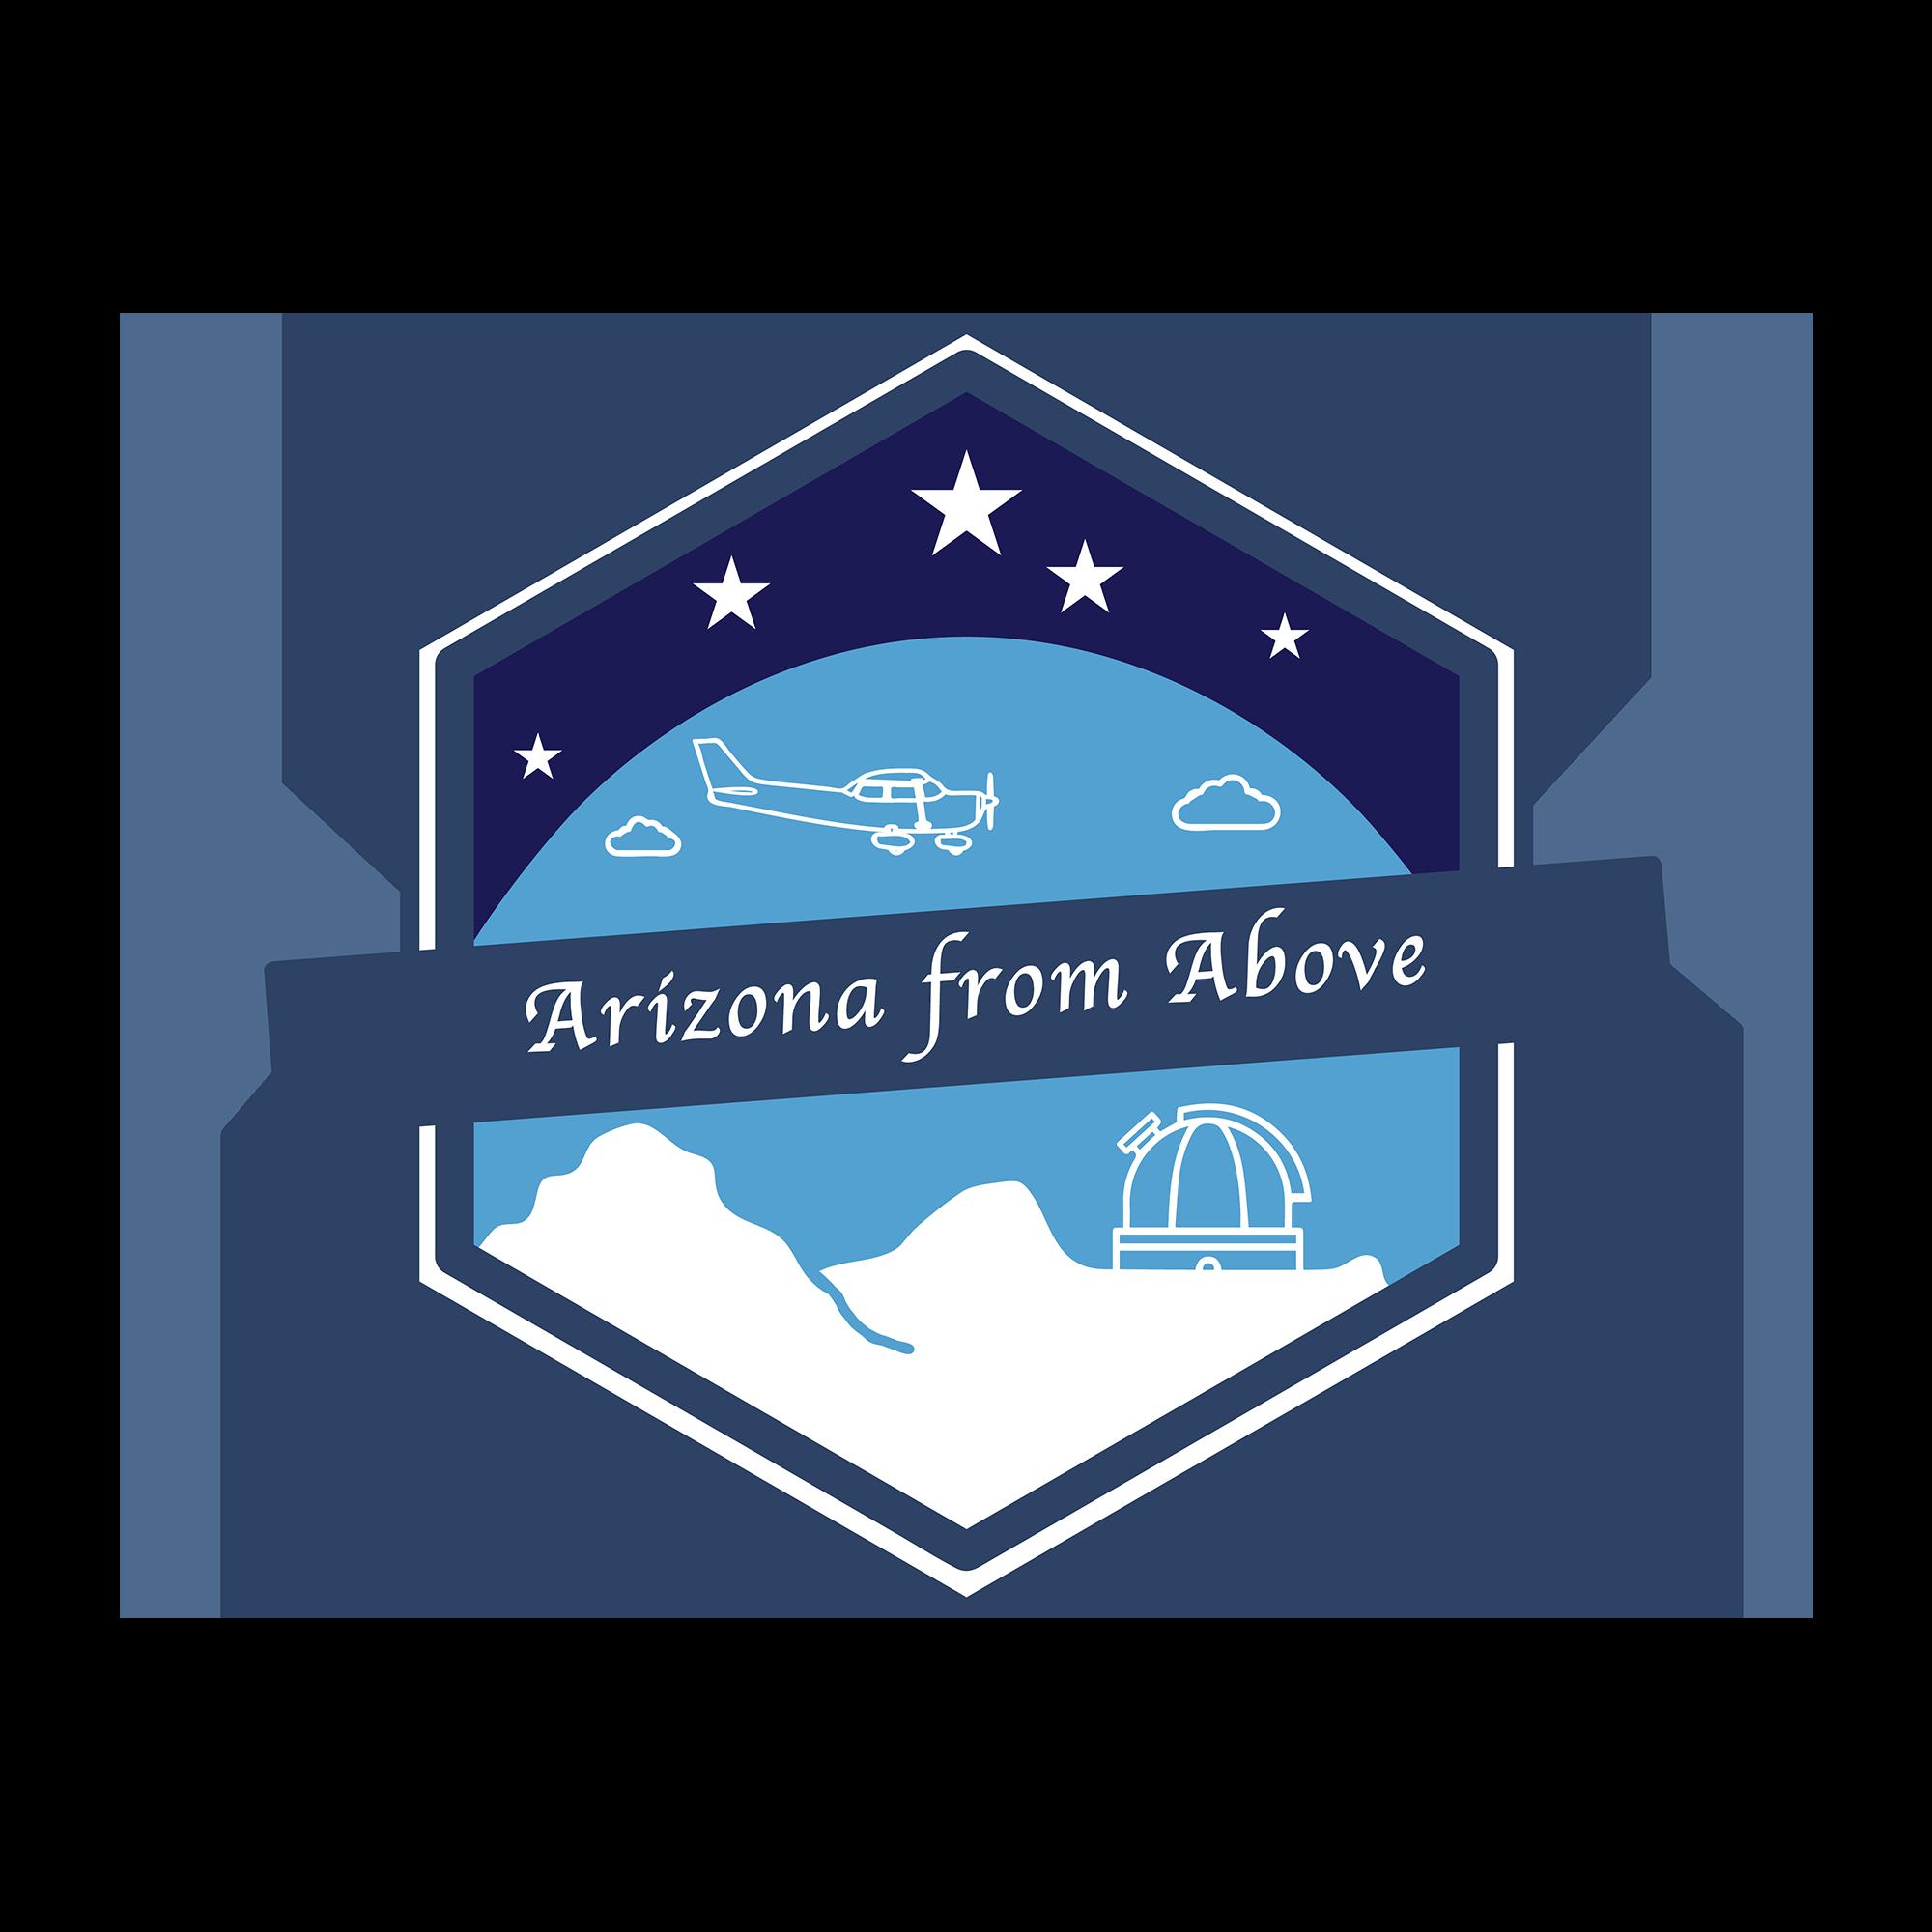 arizona-from-above-logo